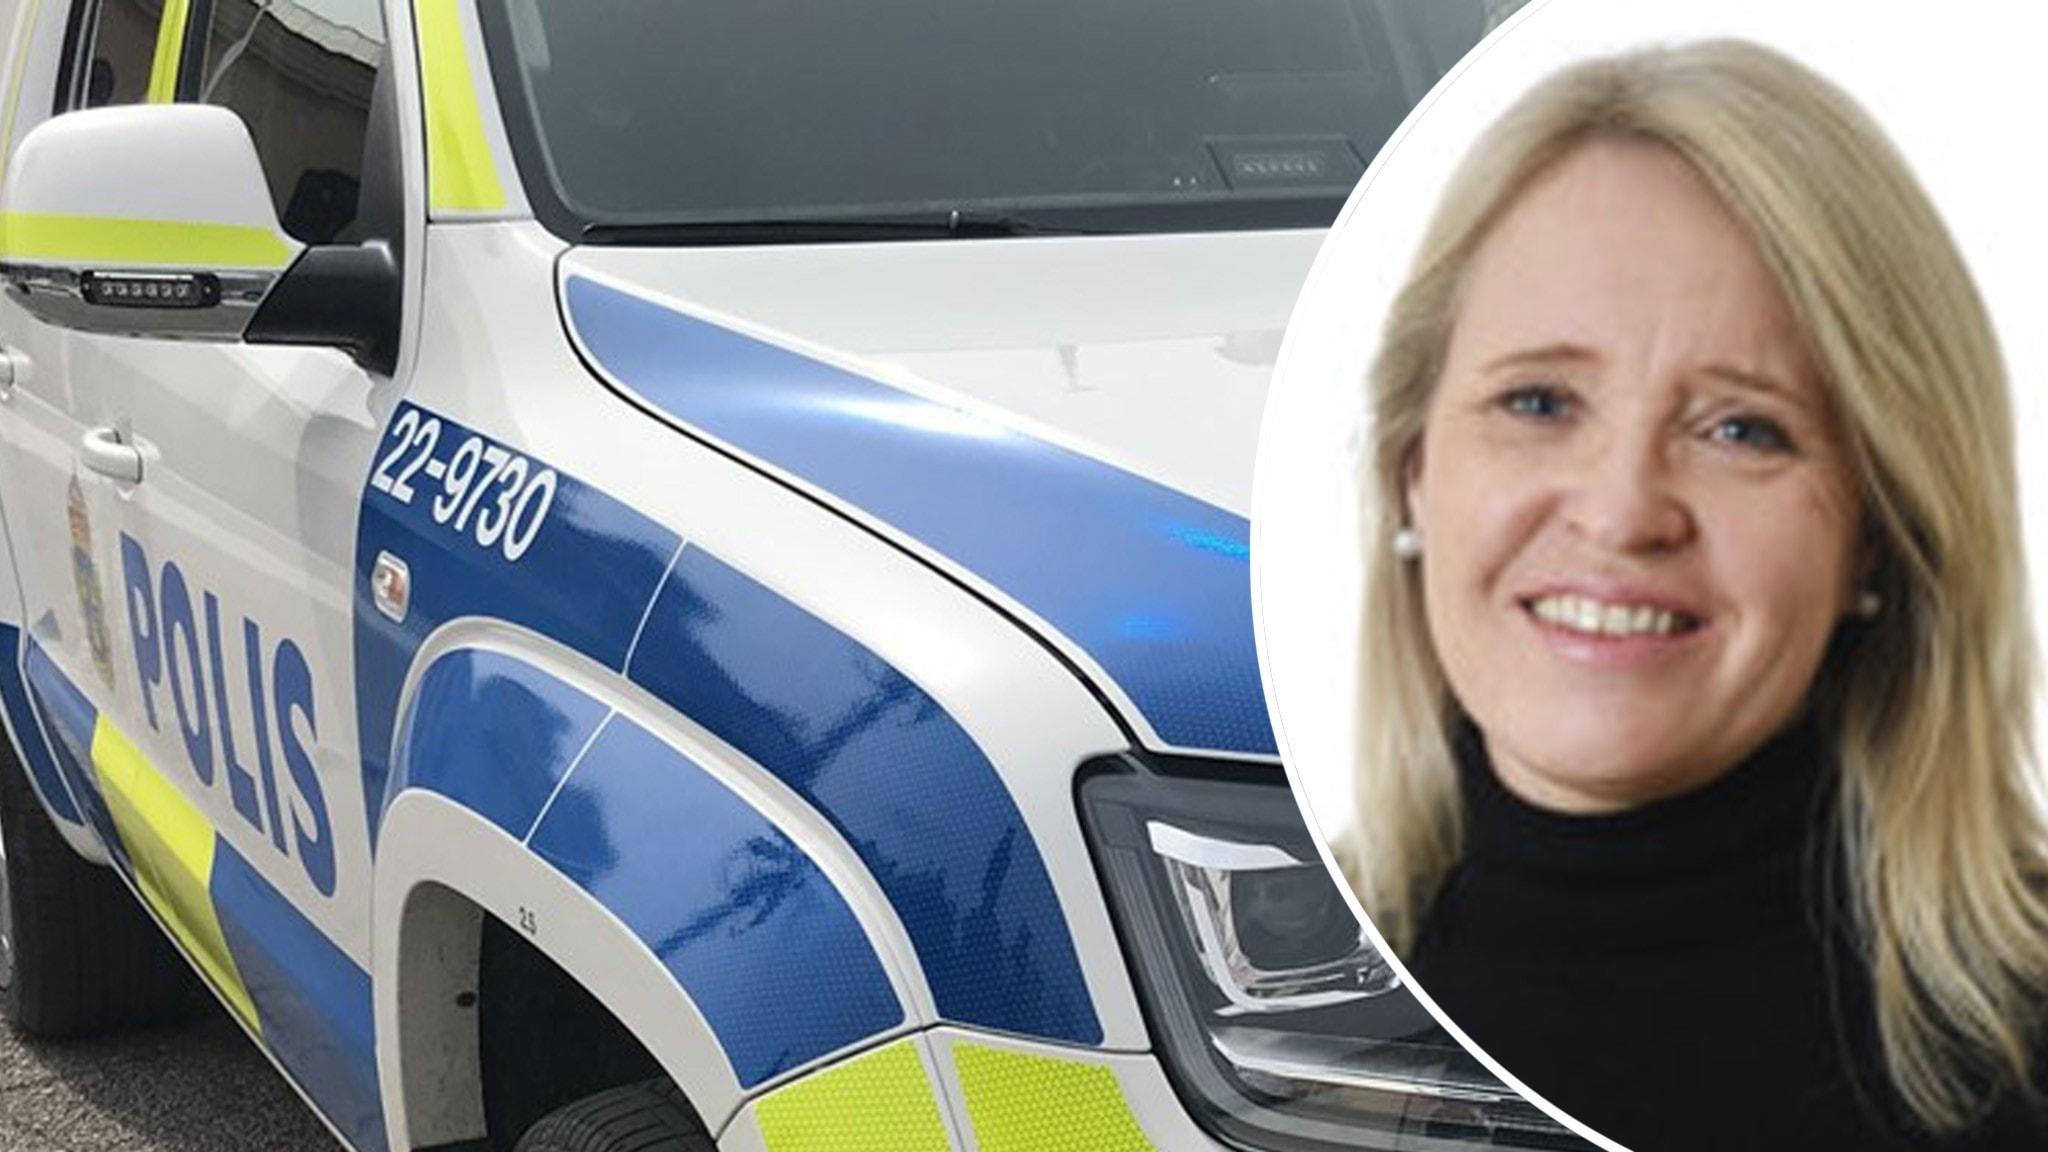 Till vänster: polisbil. Till höger: Anna Lindström. Hon har långt ljust hår och svarta kläder.